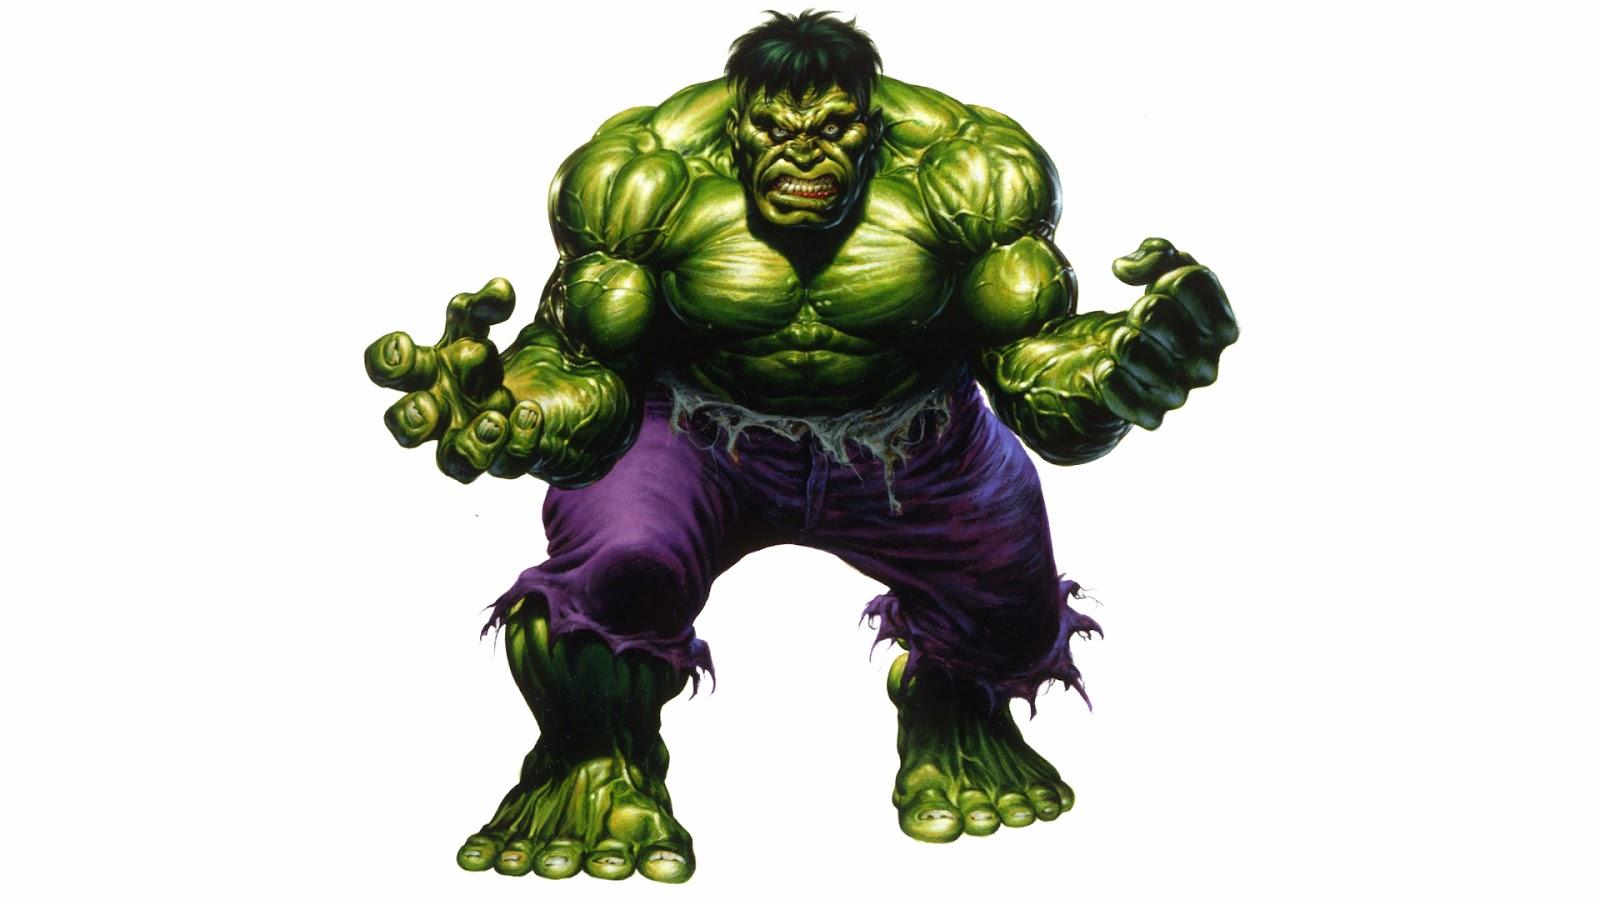 http://3.bp.blogspot.com/-_bmvJO49fQw/UBChcuQ61RI/AAAAAAAABs0/2RTl3P86wgM/s1600/Hulk+Wallpapers+1.jpg